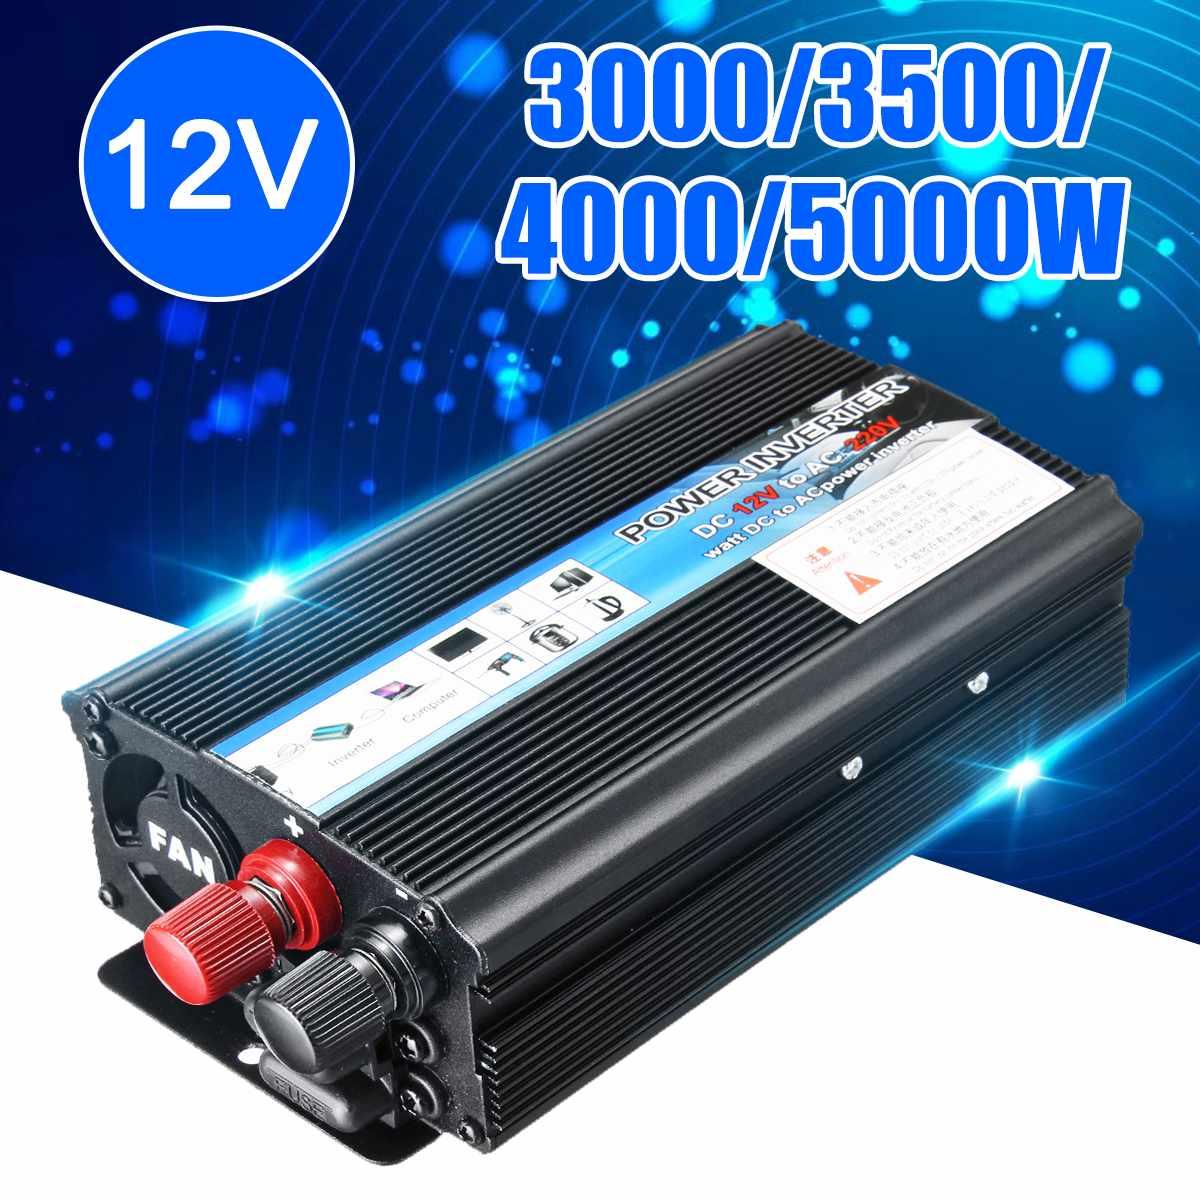 5000W-3000 Watt Solar Power Inverter DC 12V To AC 220V USB Modified Sine Wave Converter Car Power Inverter Charger Adapter